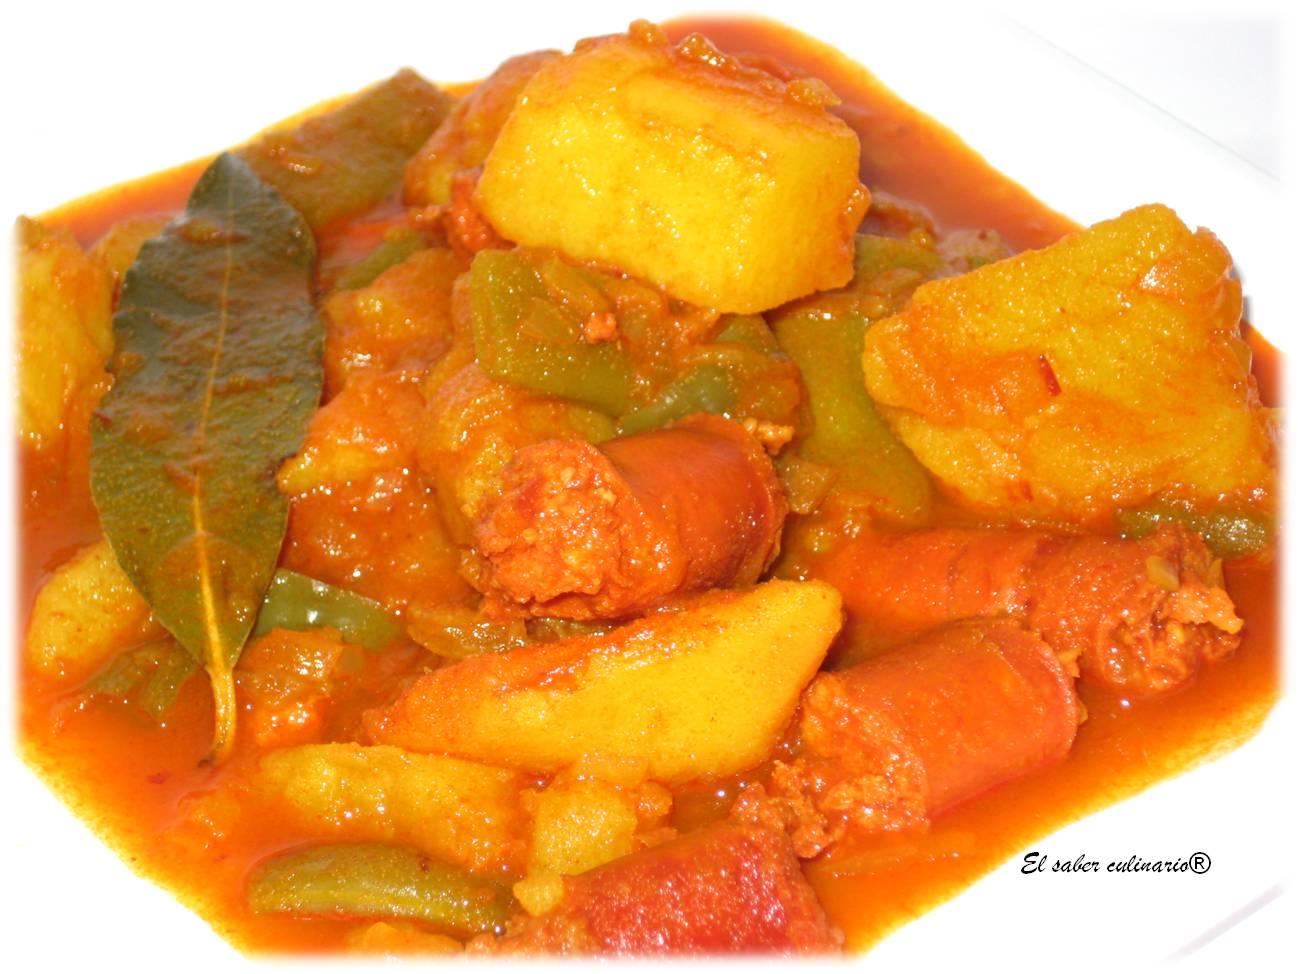 Receta de patatas a la riojana con jud as verdes el saber culinario - Judias con chorizo y patatas ...